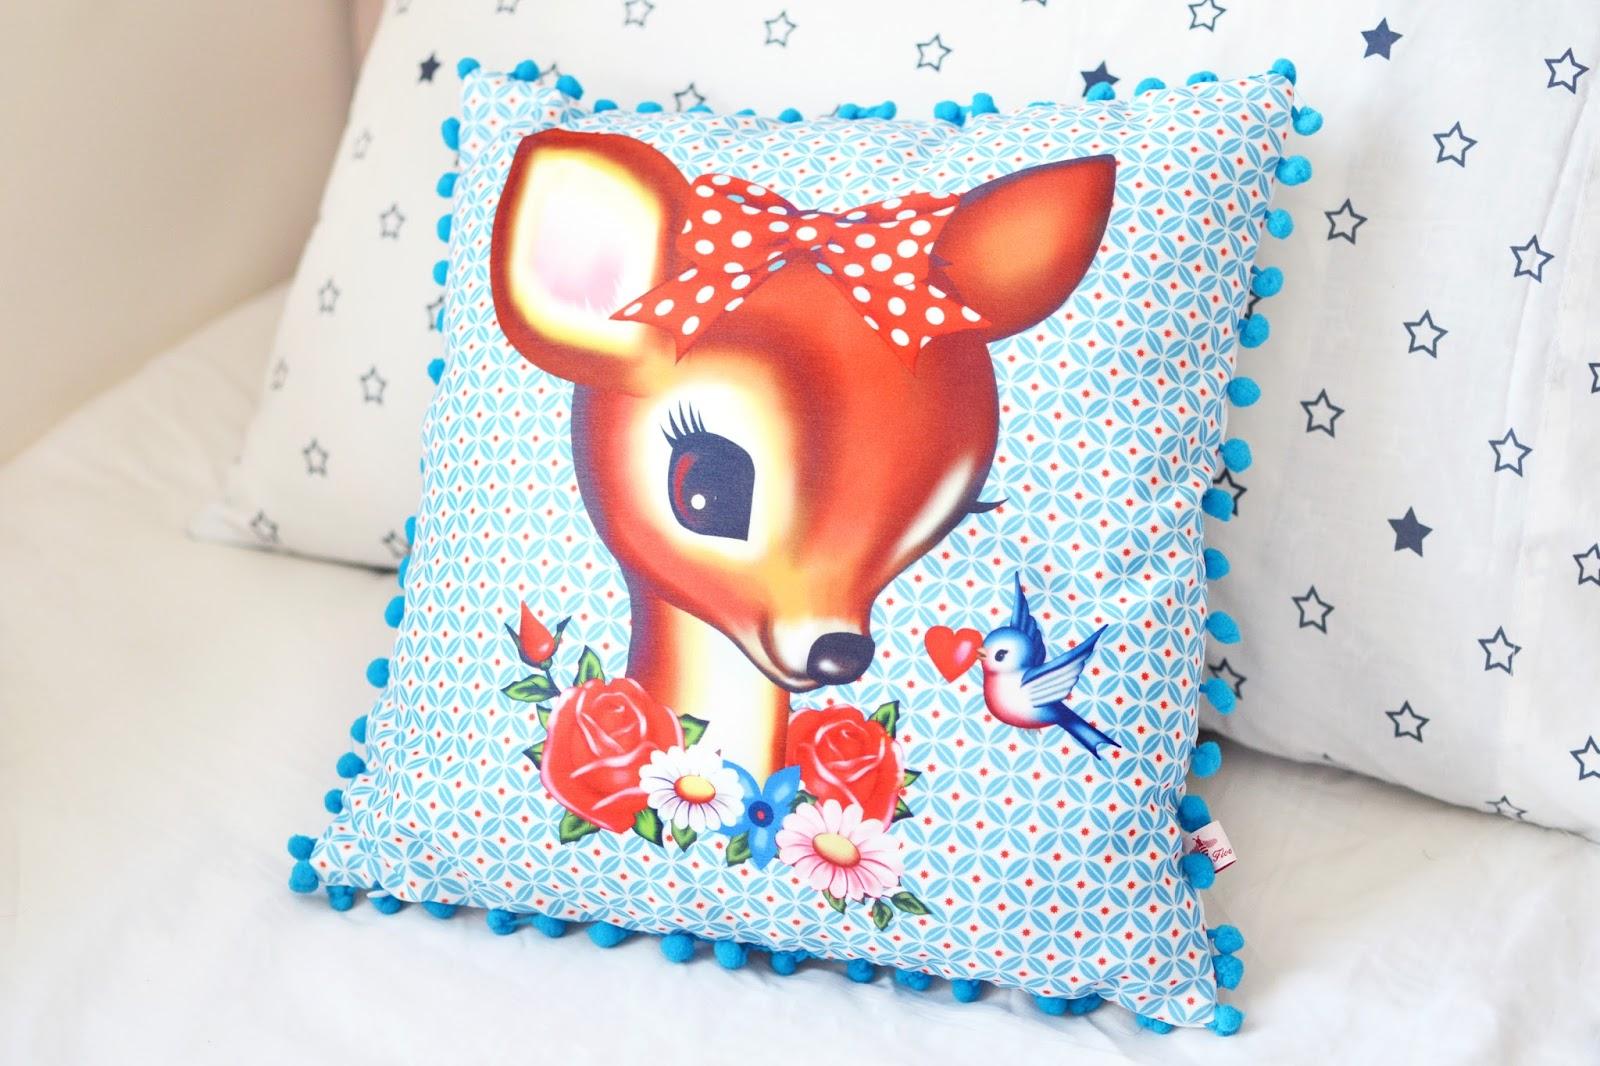 fawn cushion, cute cushion, cute homeware, quirky homeware